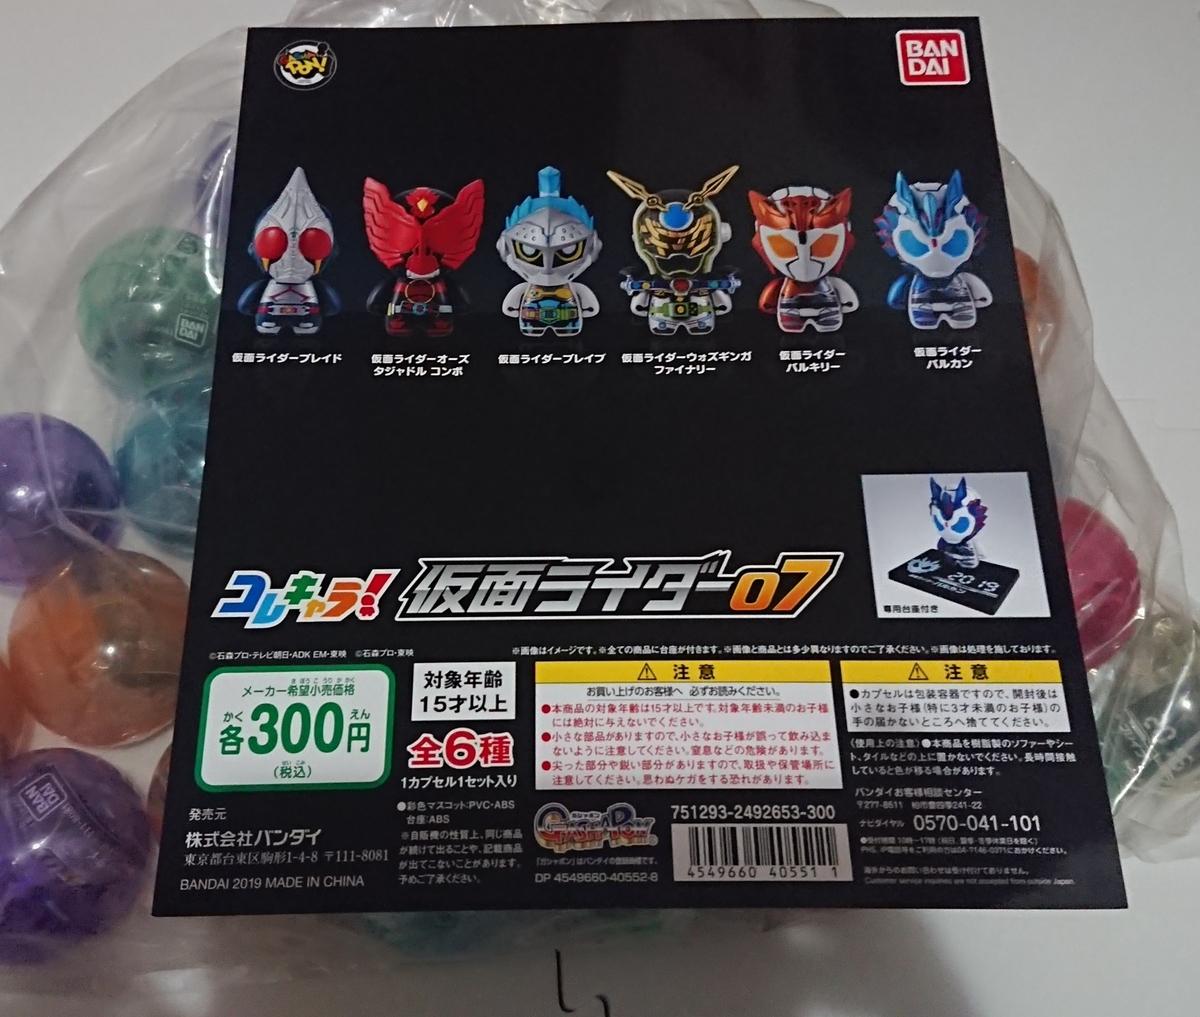 コレキャラ 仮面ライダー あミューズ ガシャポン